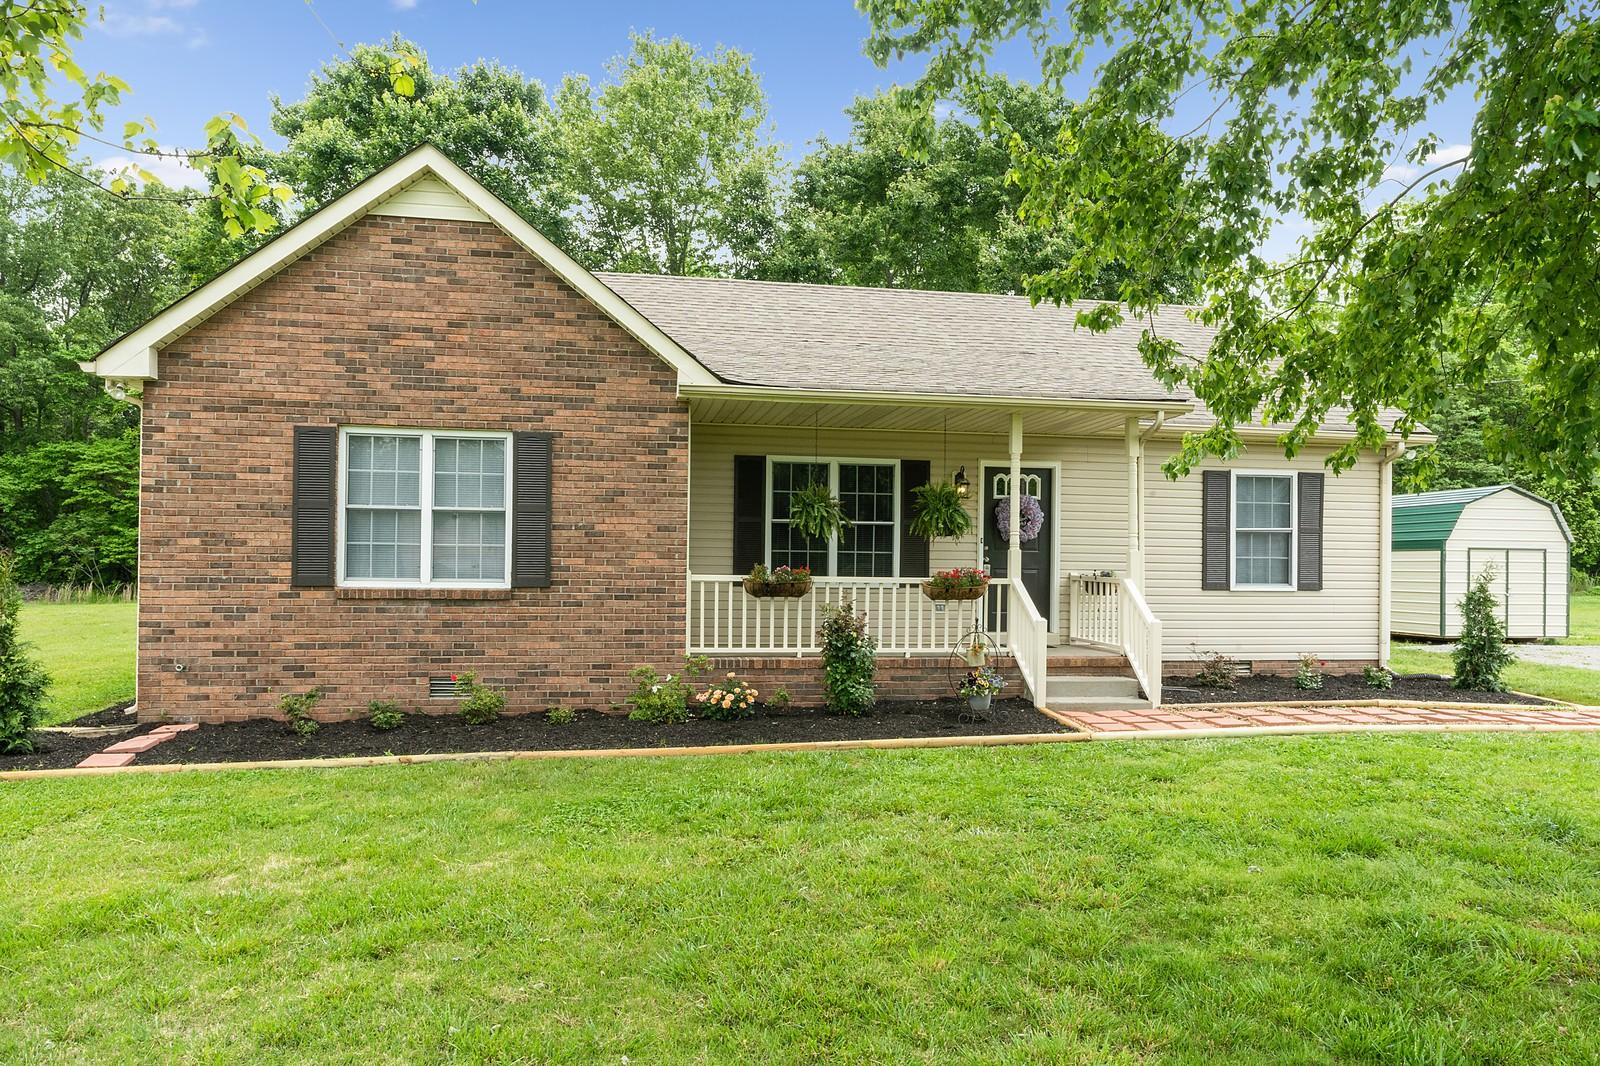 6701 Hwy 41N, Cedar Hill, TN 37032 - Cedar Hill, TN real estate listing